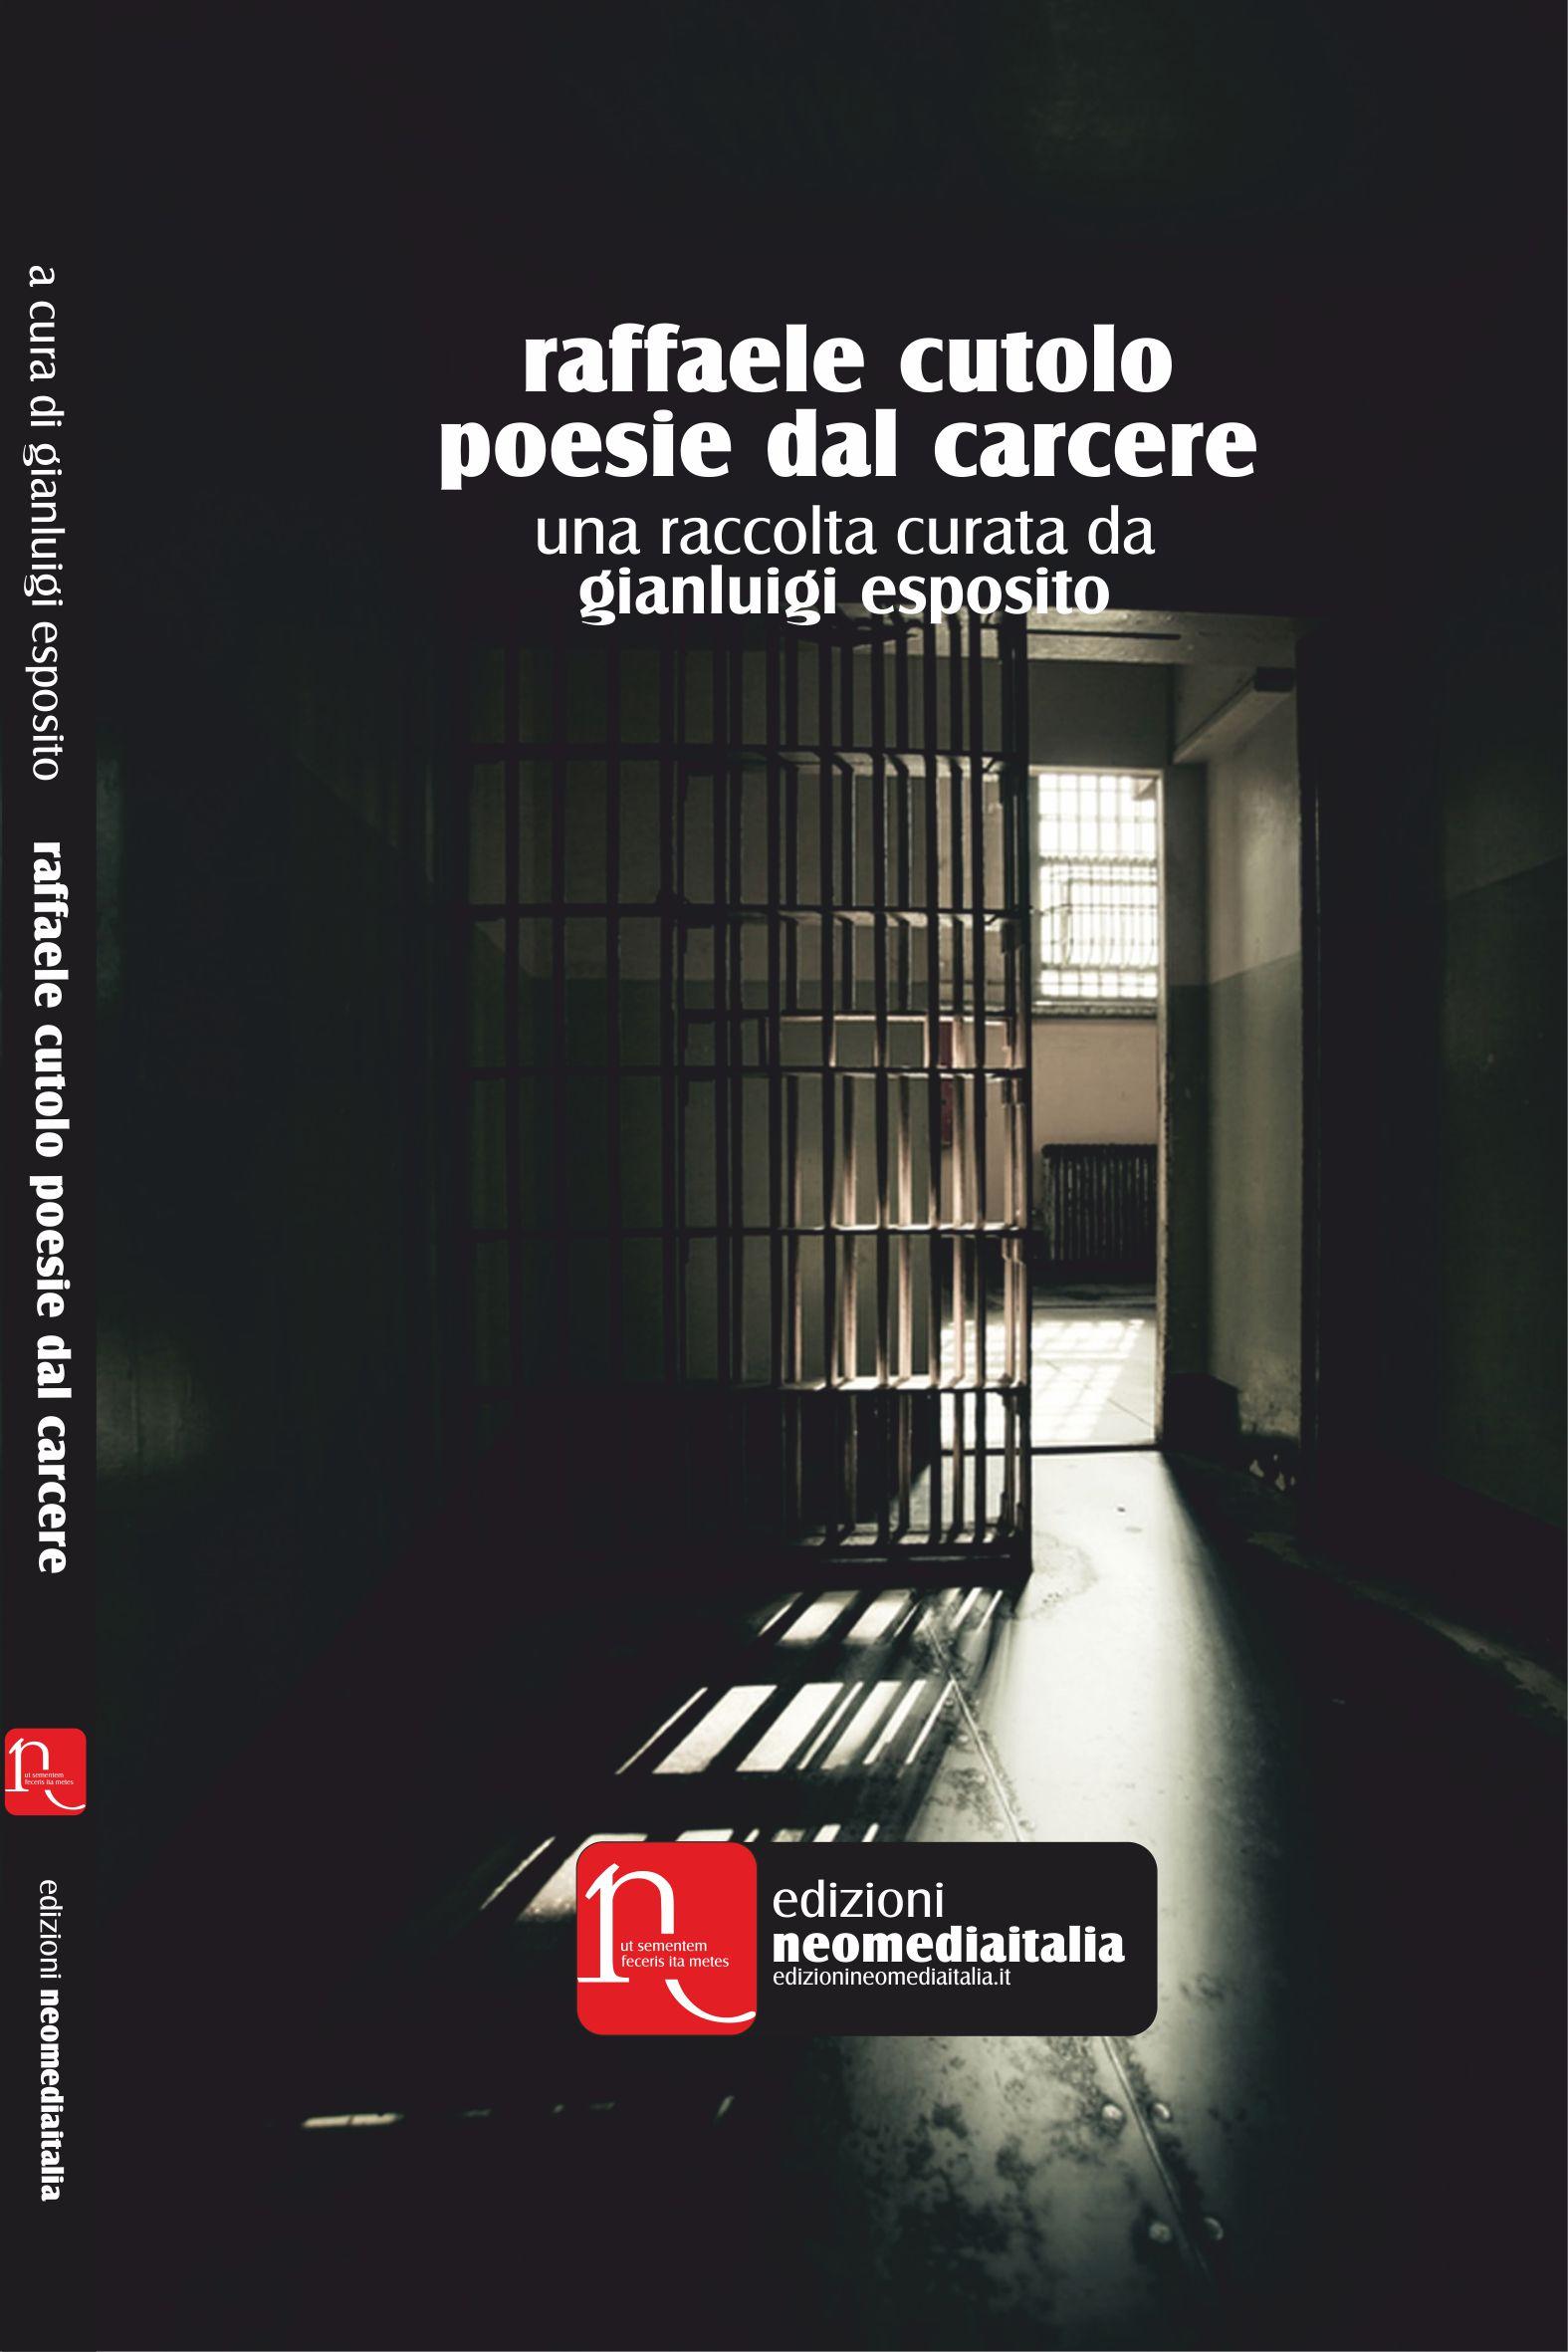 """Le """"poesie dal carcere"""" di Raffaele Cutolo. Inedito di un boss che ha rinnegato il crimine"""